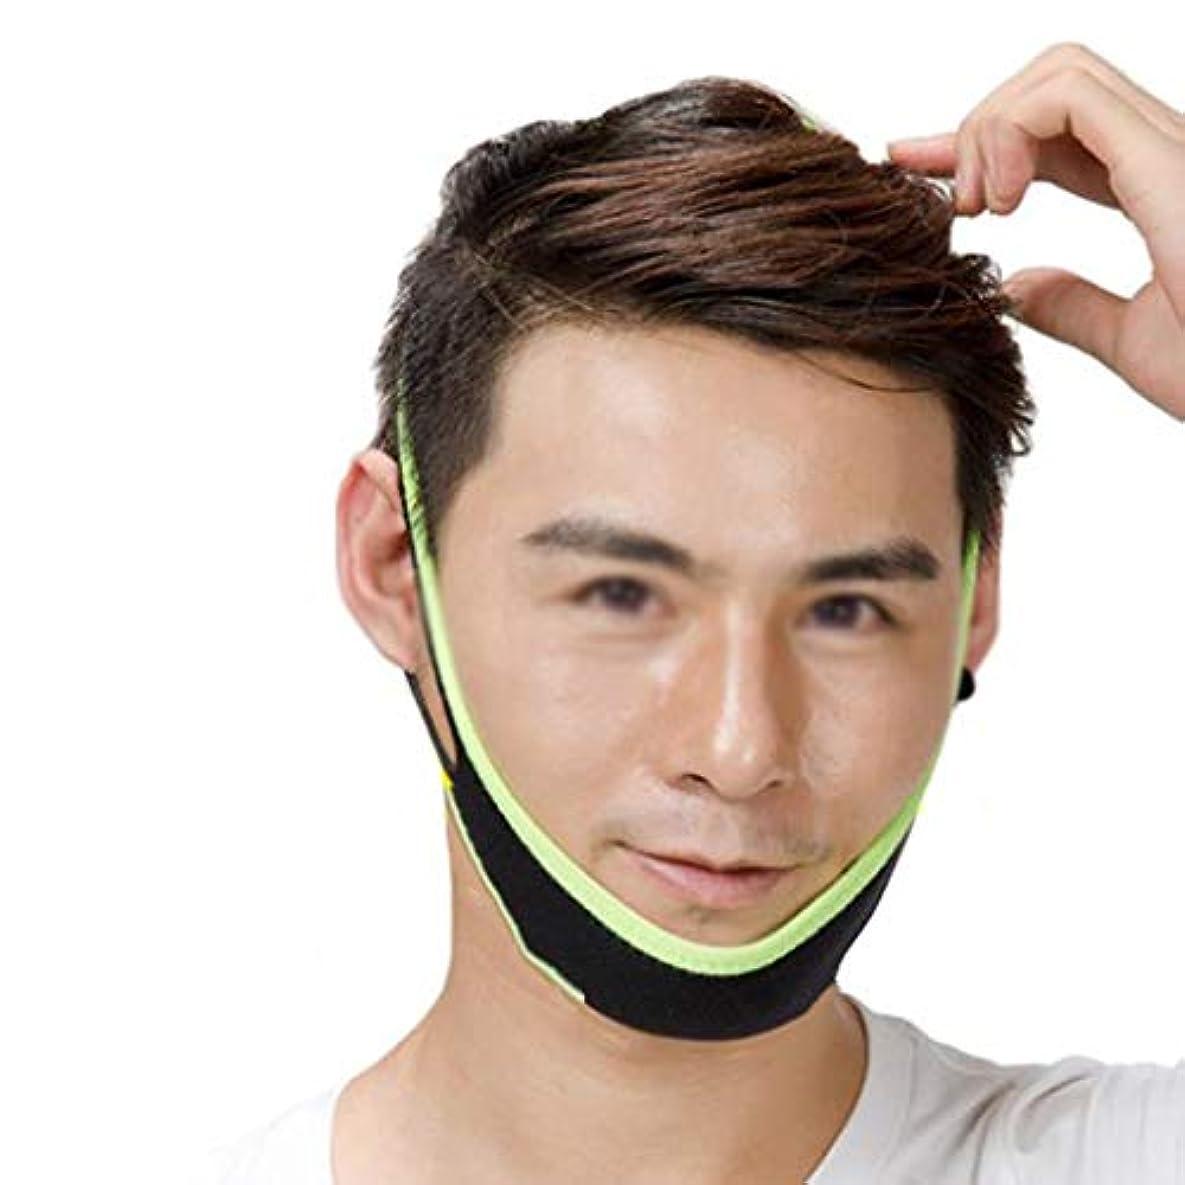 危険にさらされている劇的高めるZWBD フェイスマスク, マスクアーチファクトアーティファクトリフティングマッサージアーティファクト付き薄い顔の包帯メンズスペシャルスリープスモールVフェイス